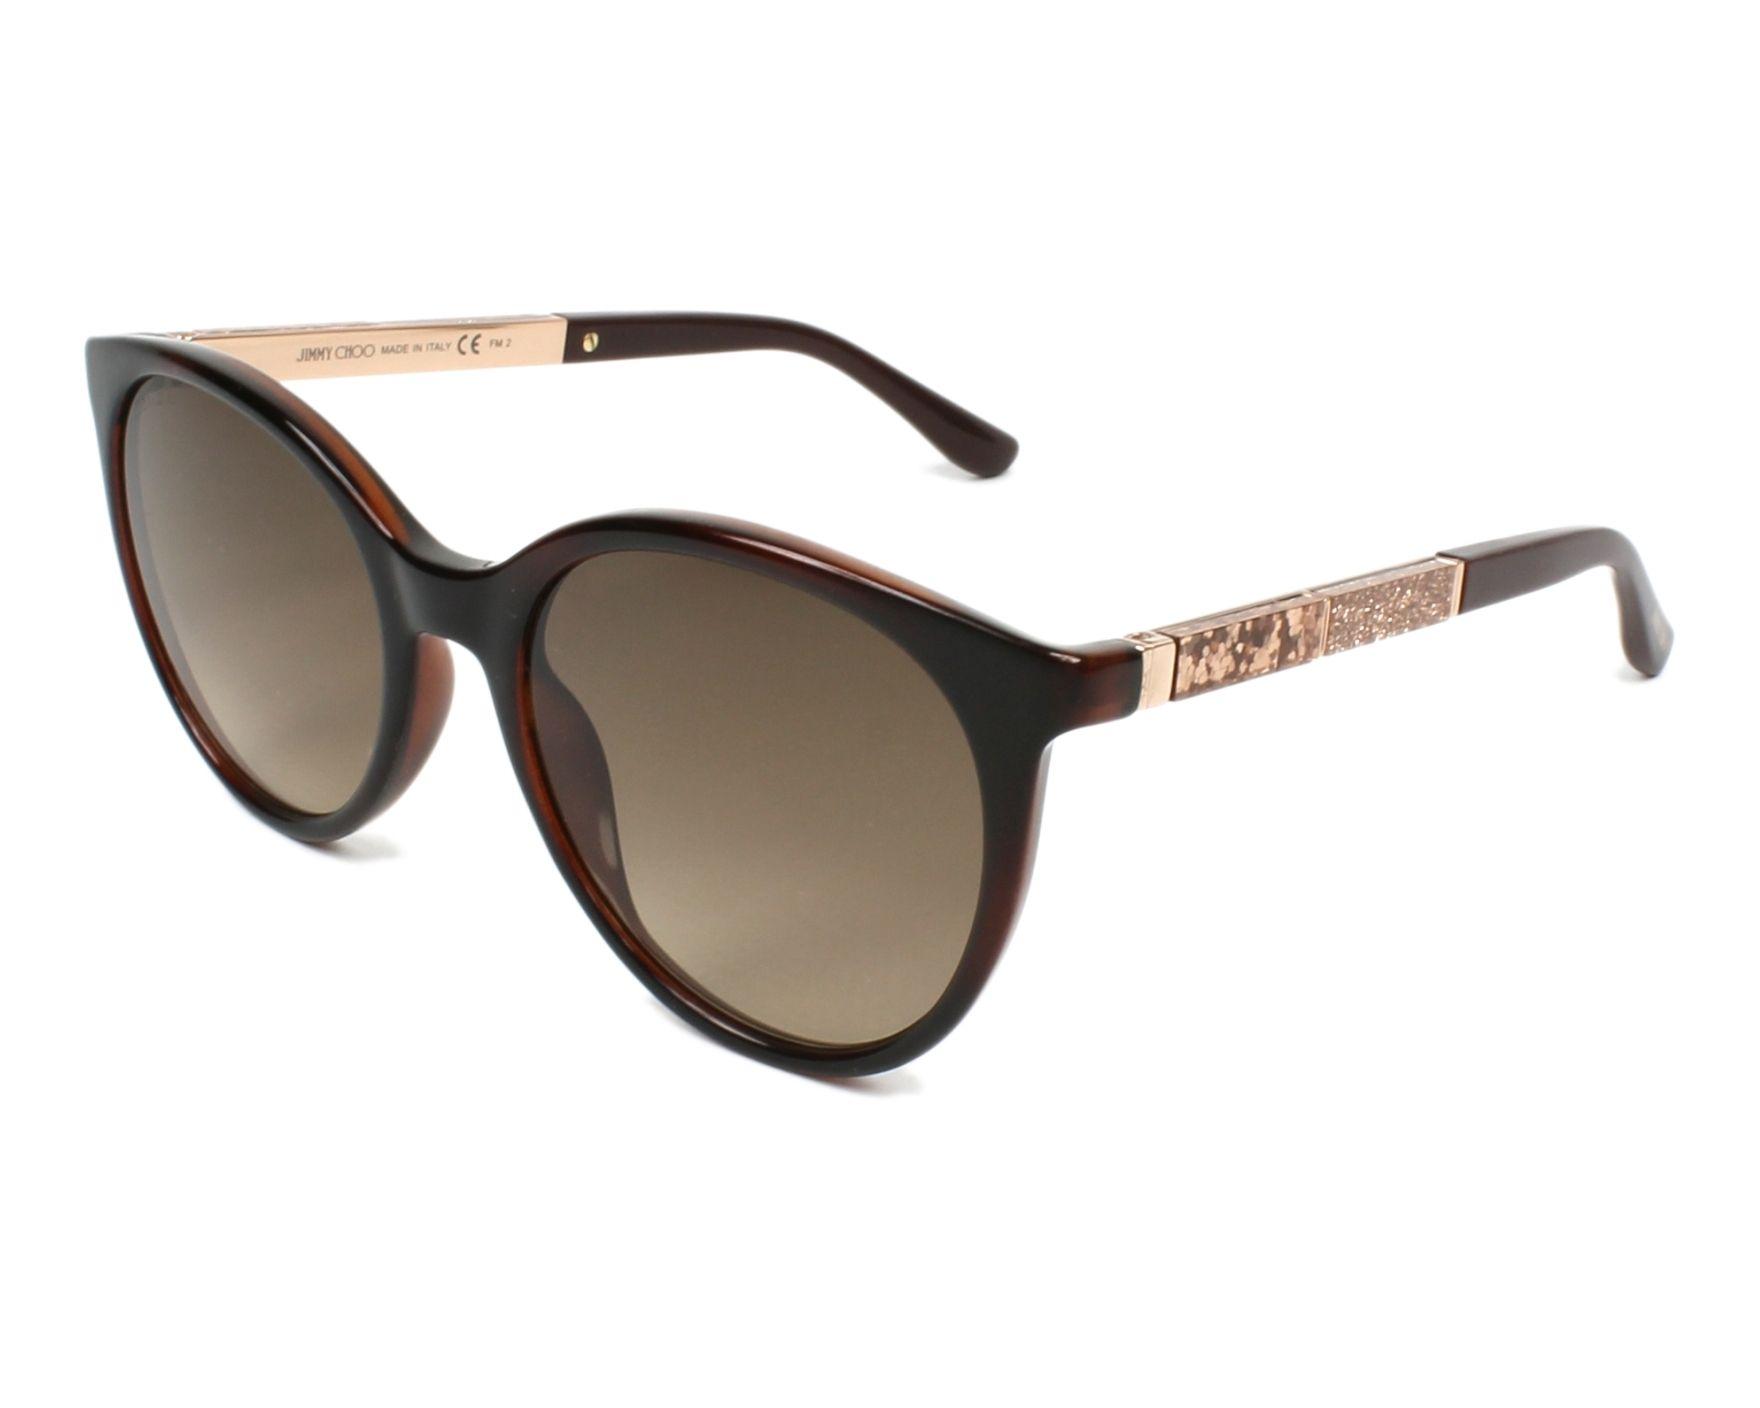 1576c226e2ef Sunglasses Jimmy Choo ERIE-S 9N4 HA 54-20 Havana Gold Copper profile